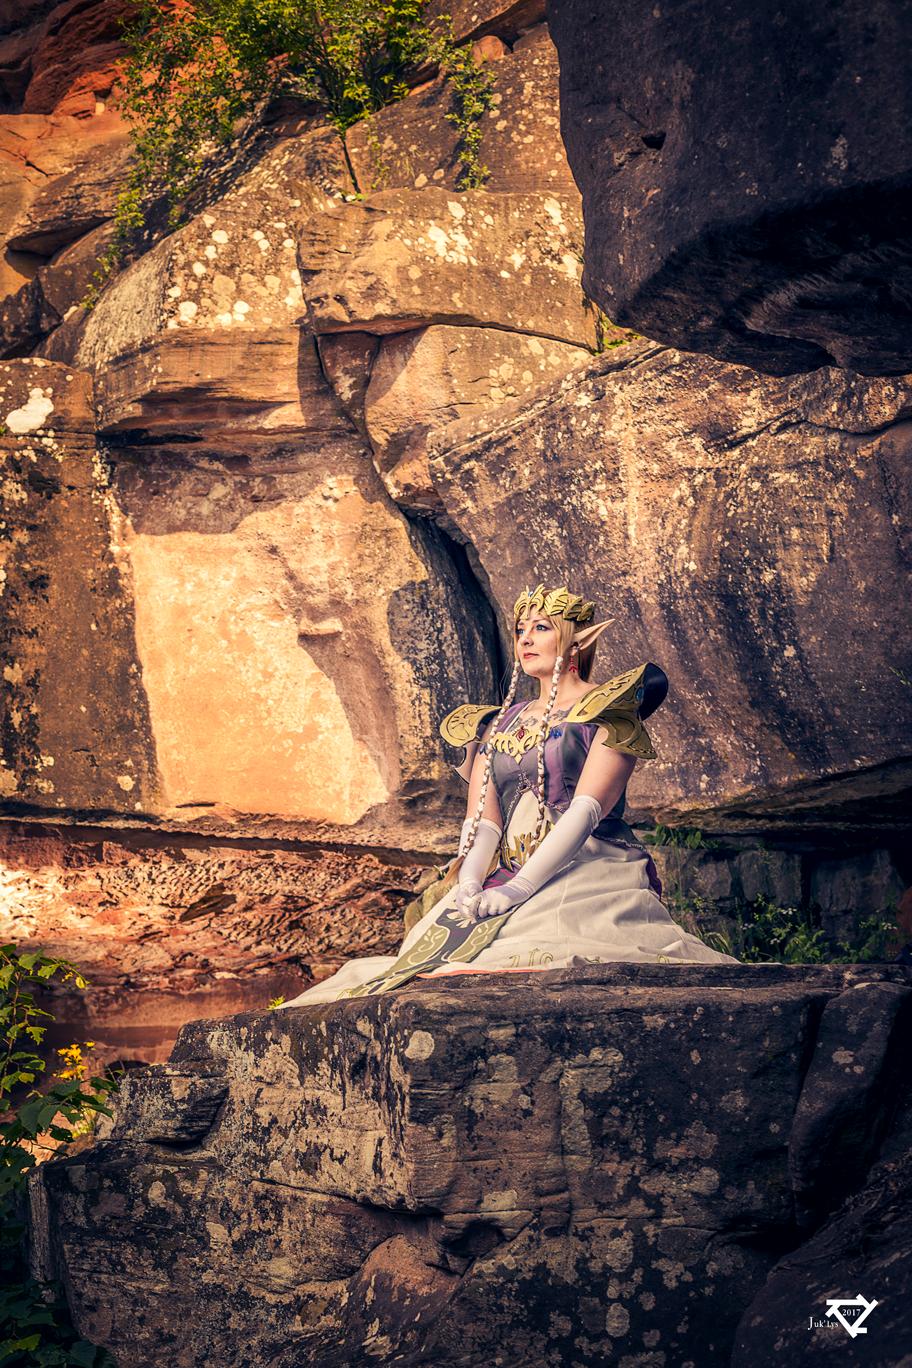 Zelda at Haut Koenigsbourg castle - France